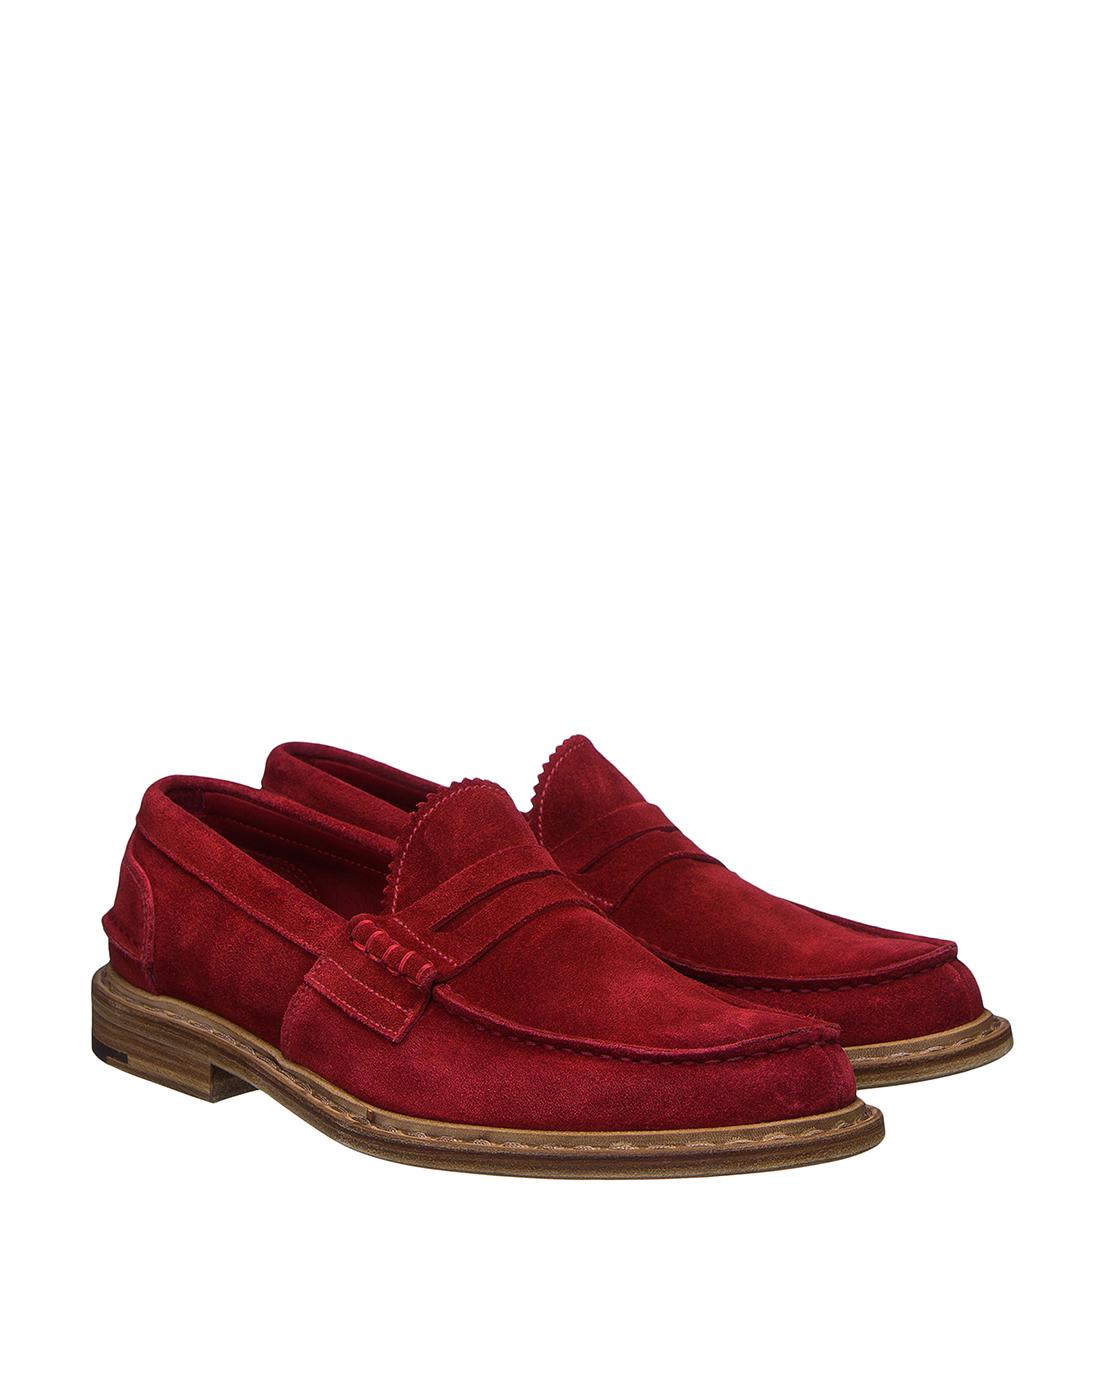 Туфли красные мужские Premiata S31404-2